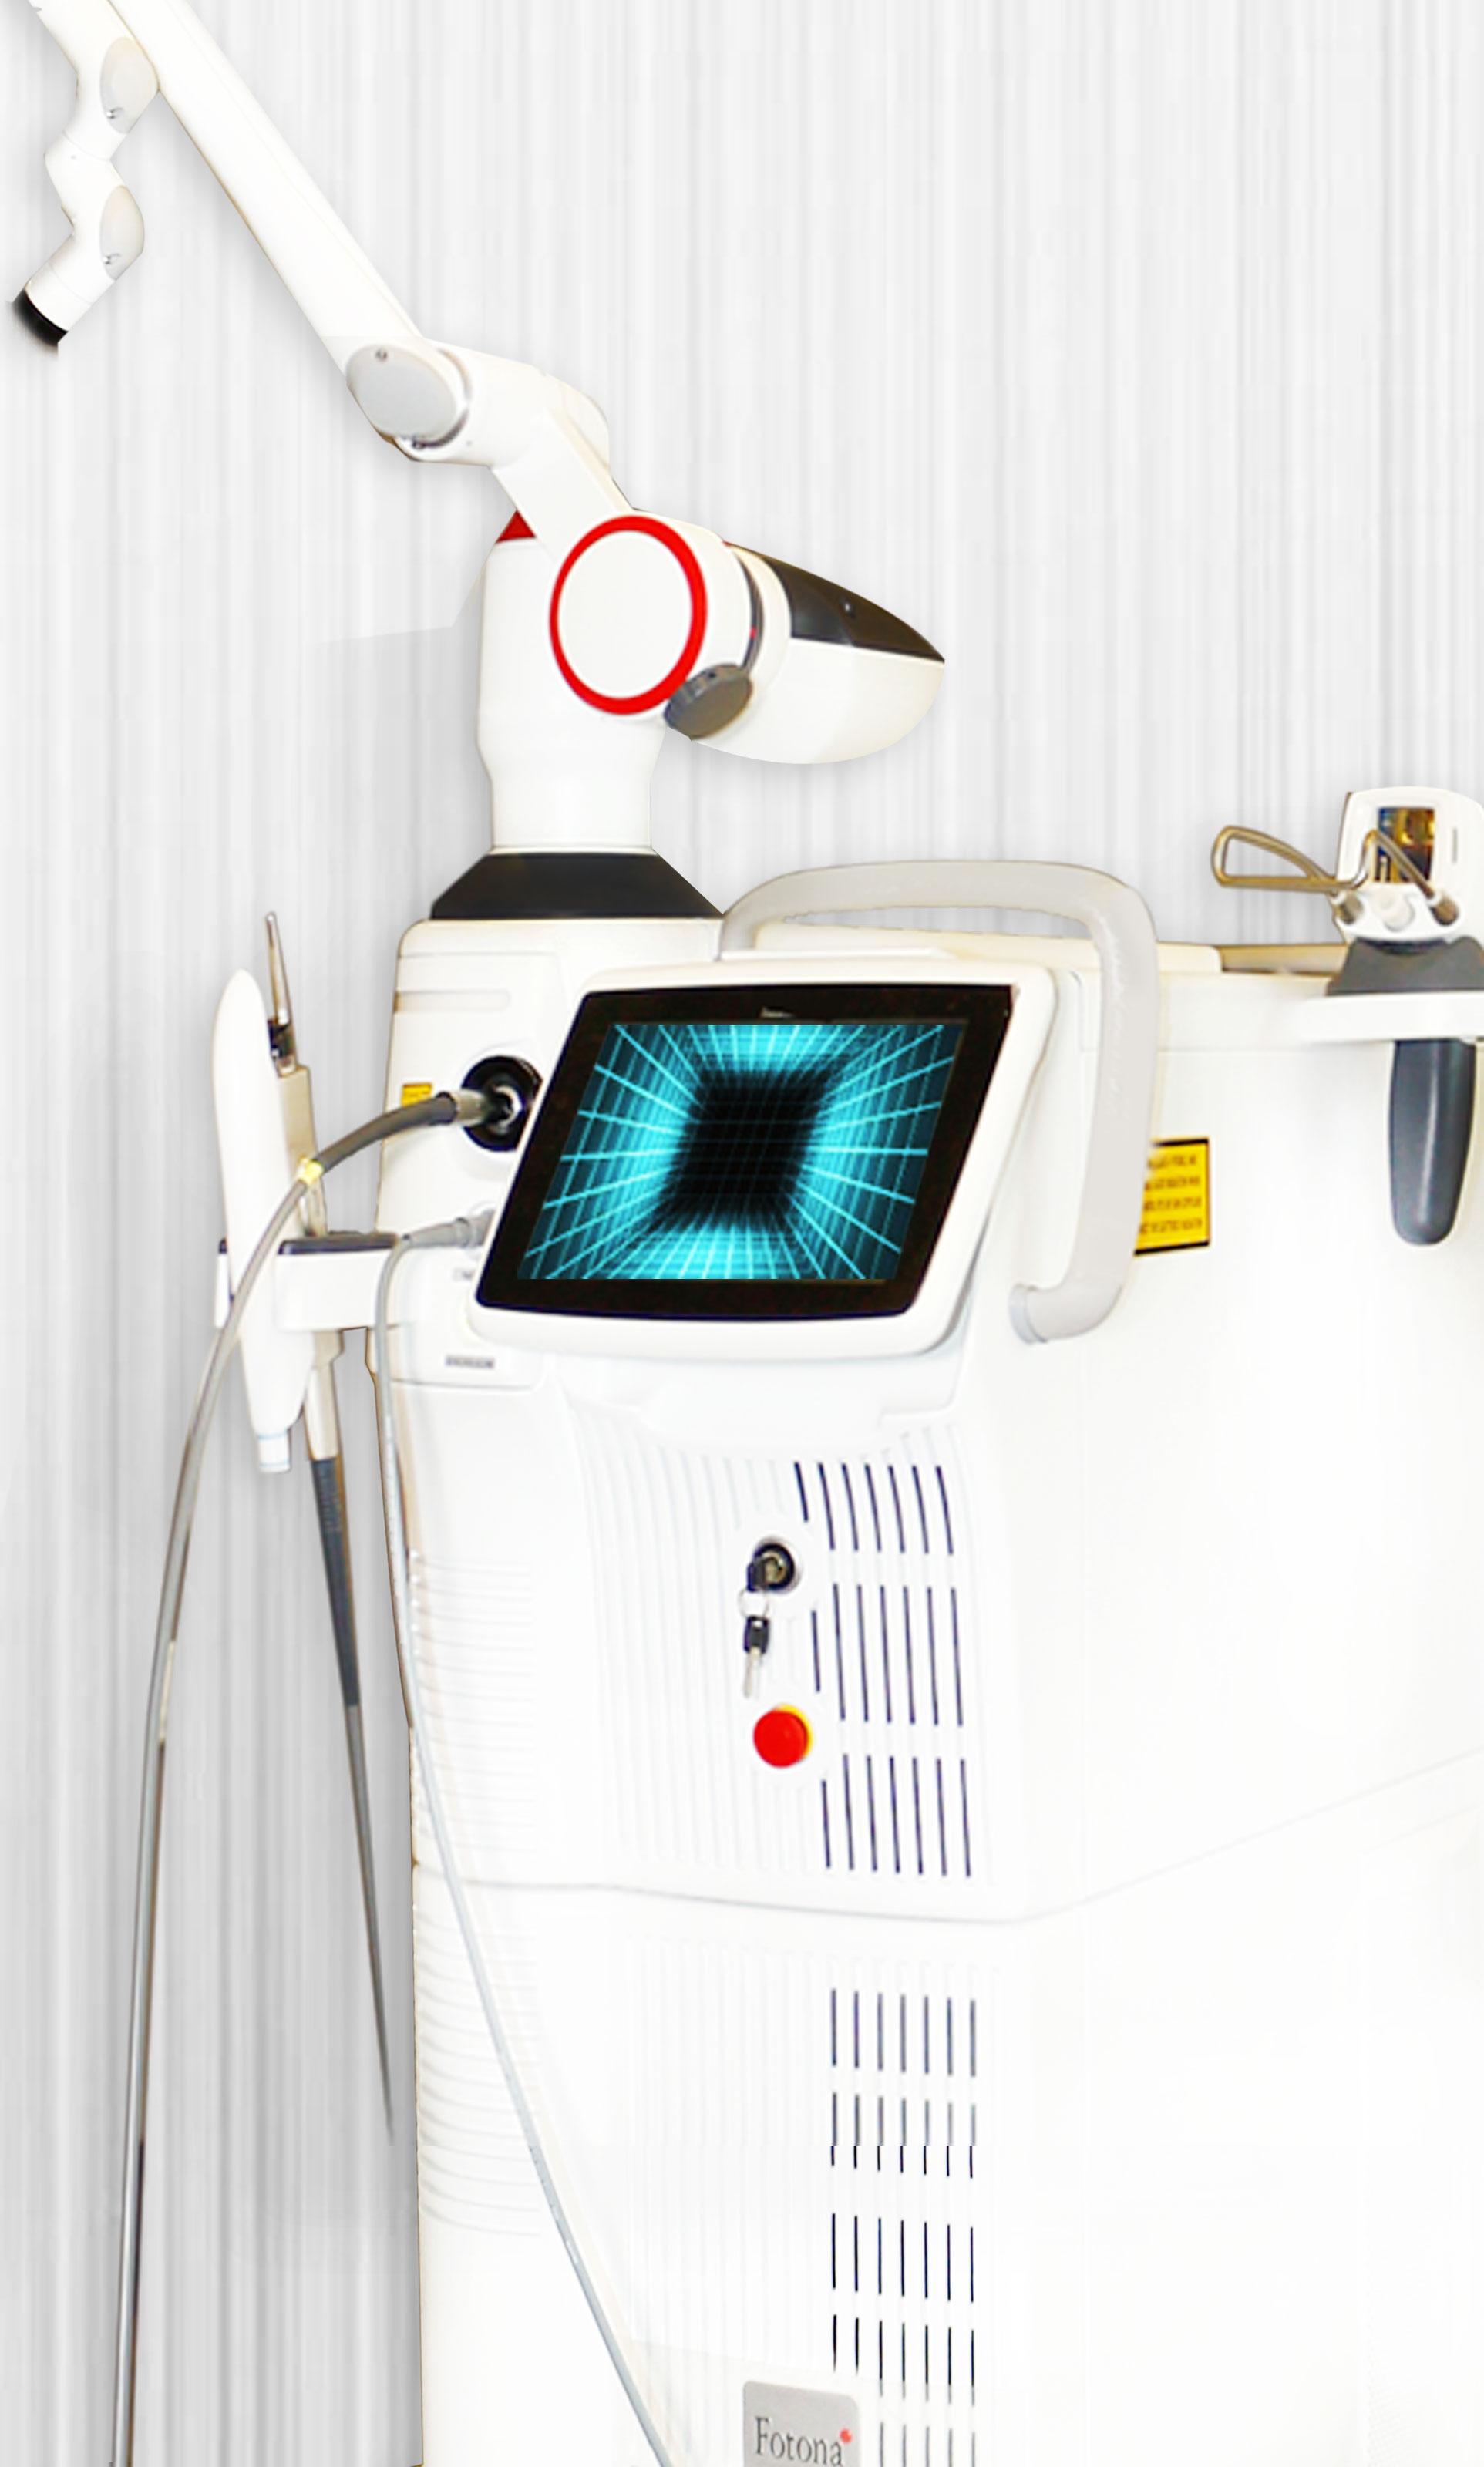 Bác sĩ và công nghệ 4